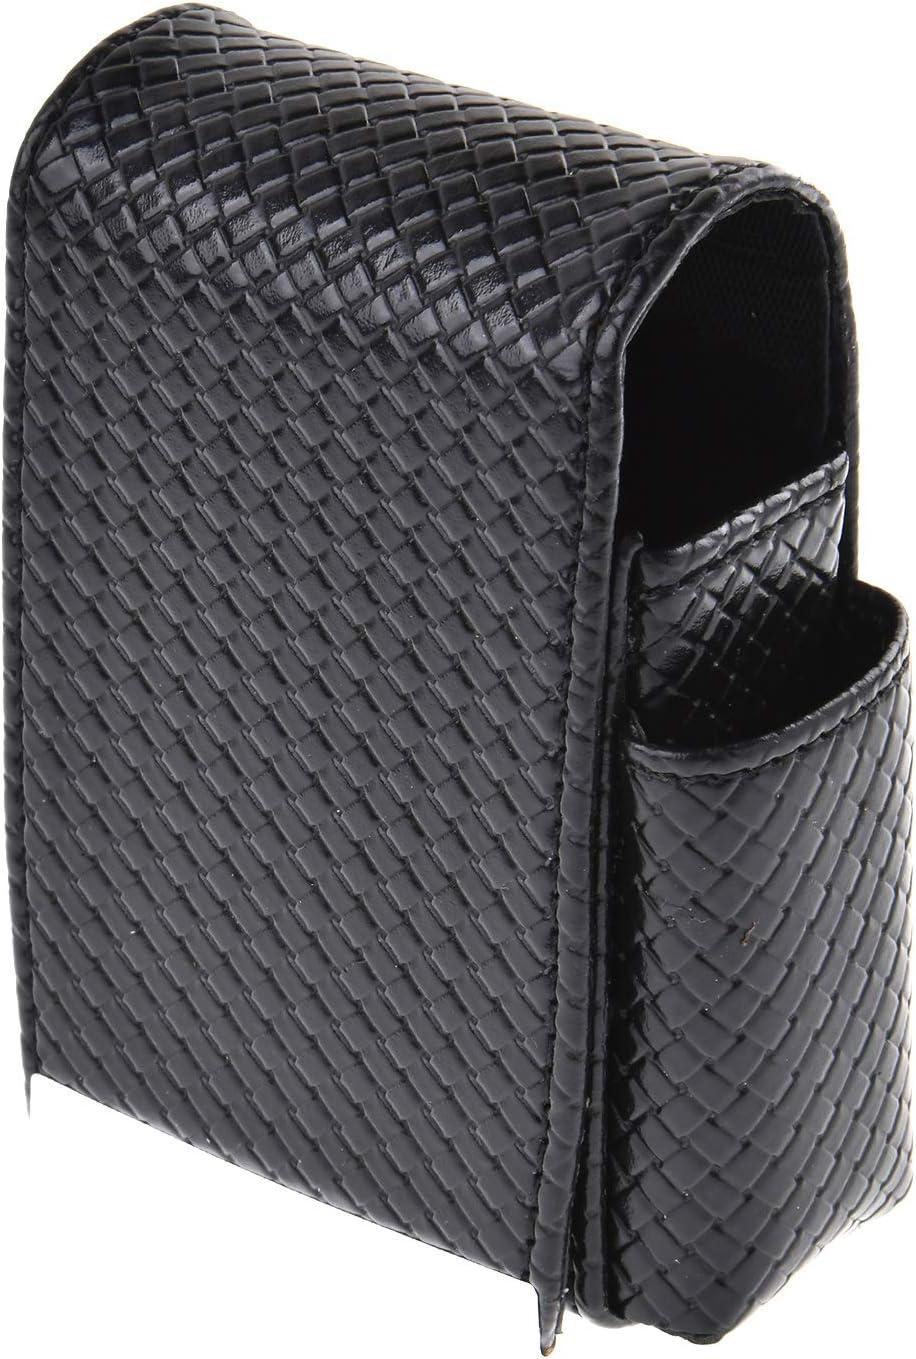 Quantum Abacus Caja/Funda para Paquetes de cigarillos de Cuero PU de Apariencia Entretejido, con Compartimento Adicional para un mechero Mini, Color: Negro, Mod. 328-01: Amazon.es: Equipaje